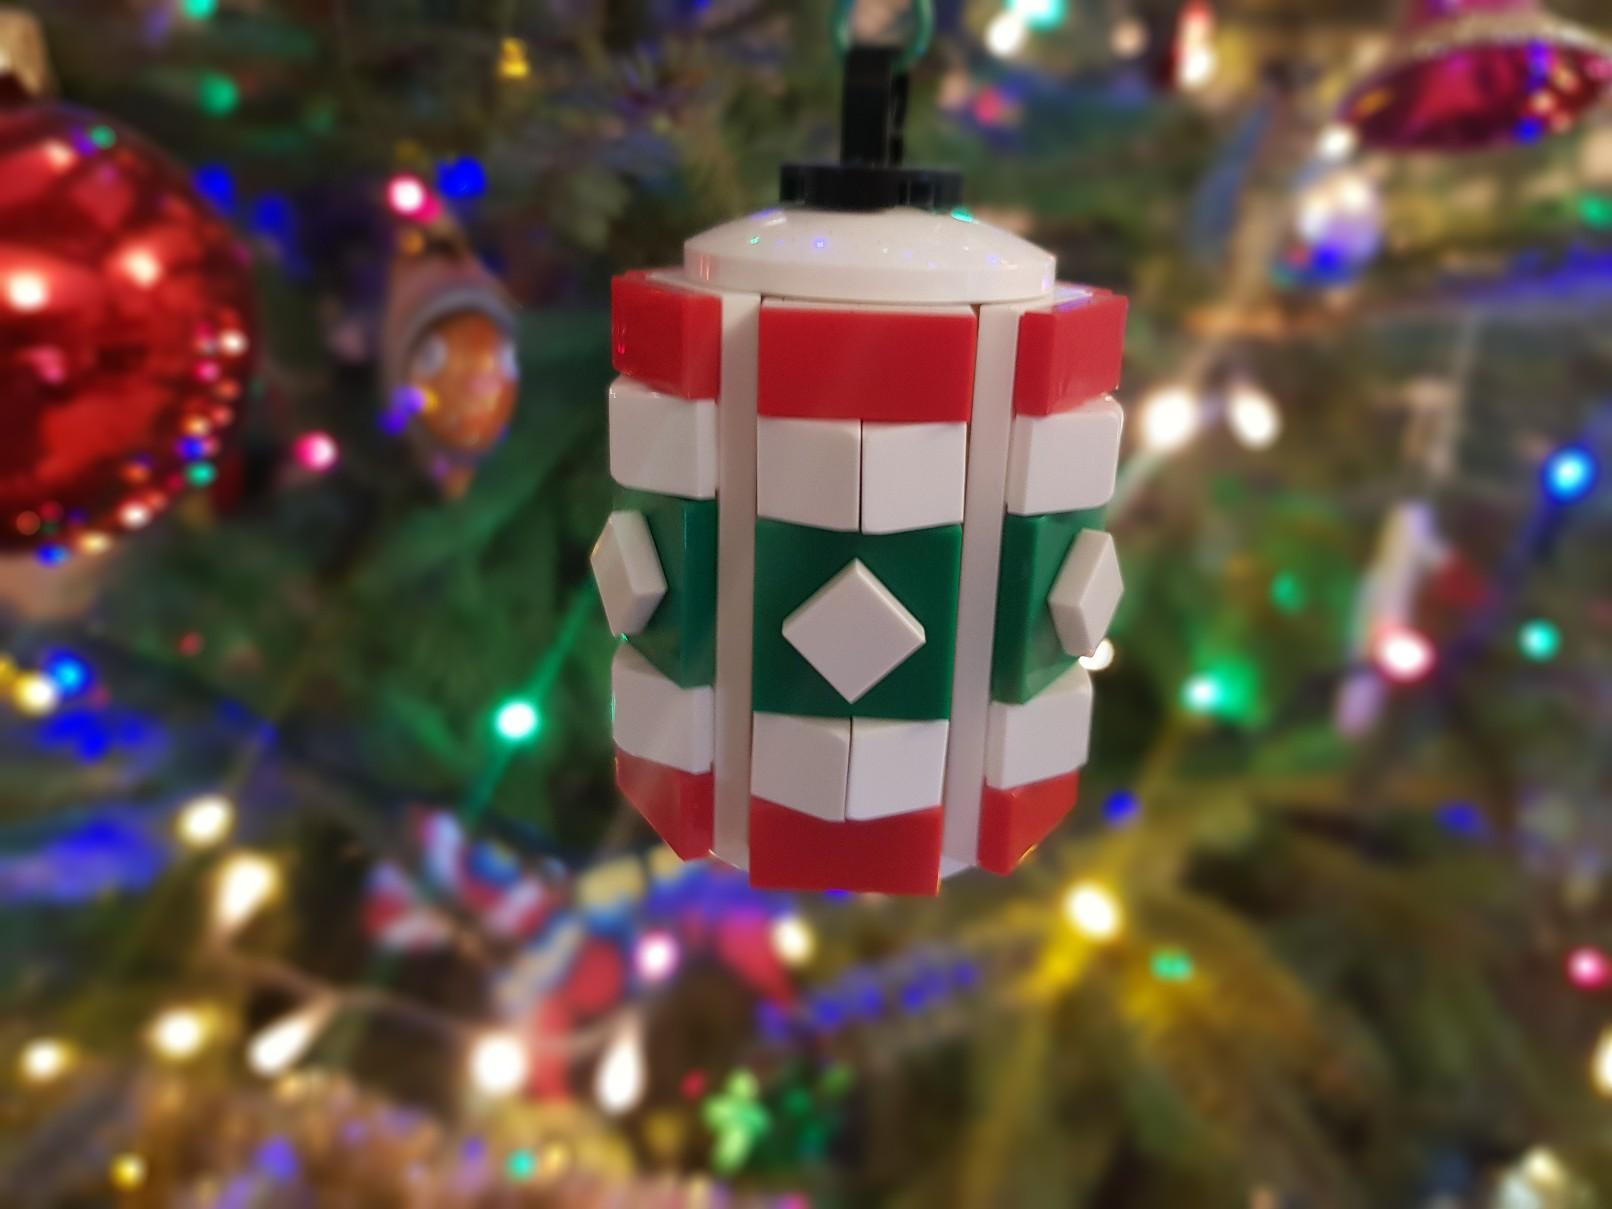 lego moc christmas baubles ornament barrel